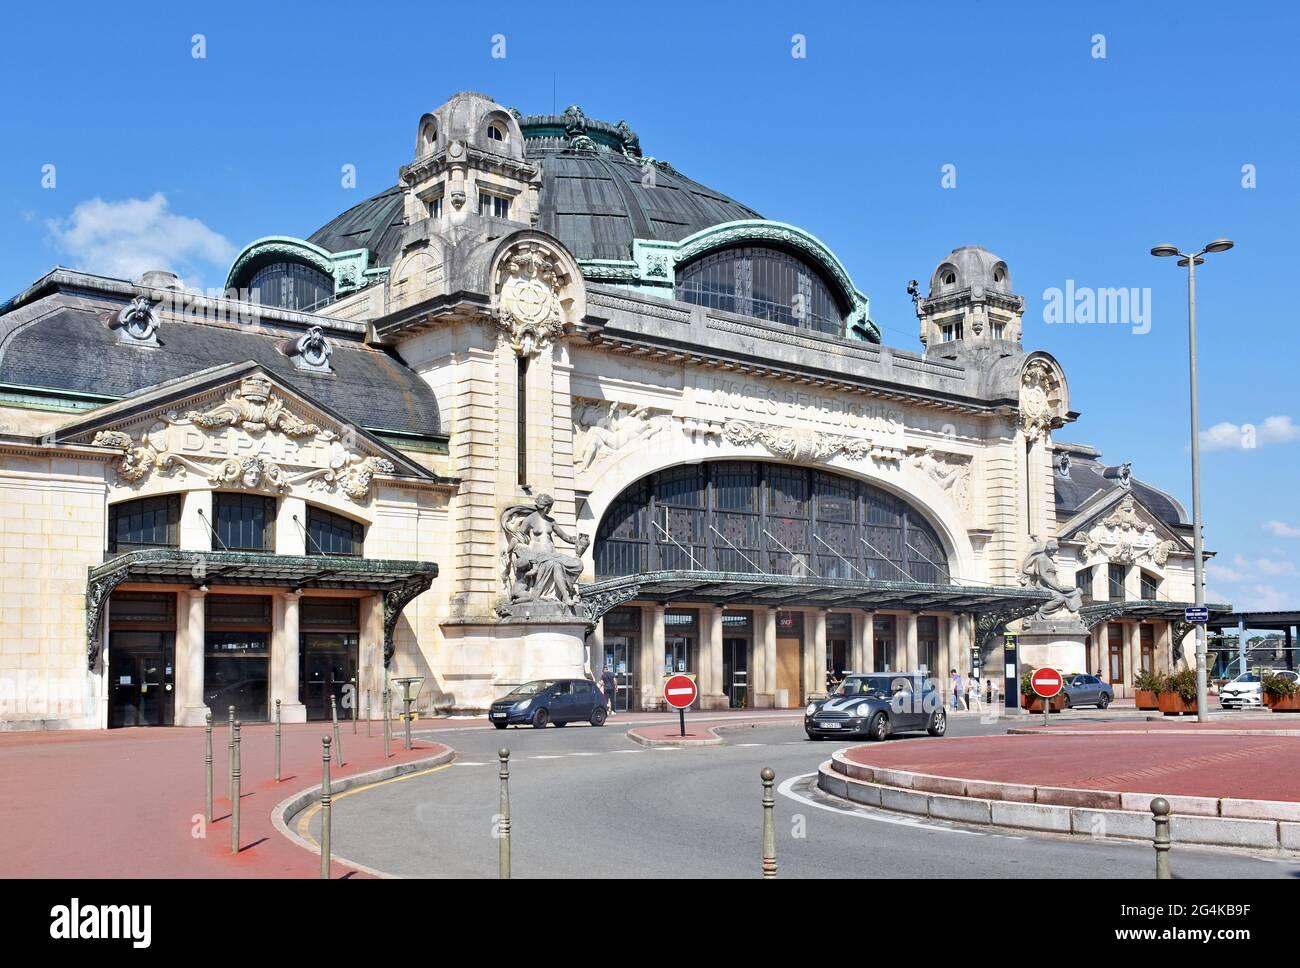 La gare de Limoges-Bénédictins, un bâtiment fantastique, principalement de style Beaux-Arts, avec des éléments néo-byzantins et Louis-seize, Limoges, France Banque D'Images